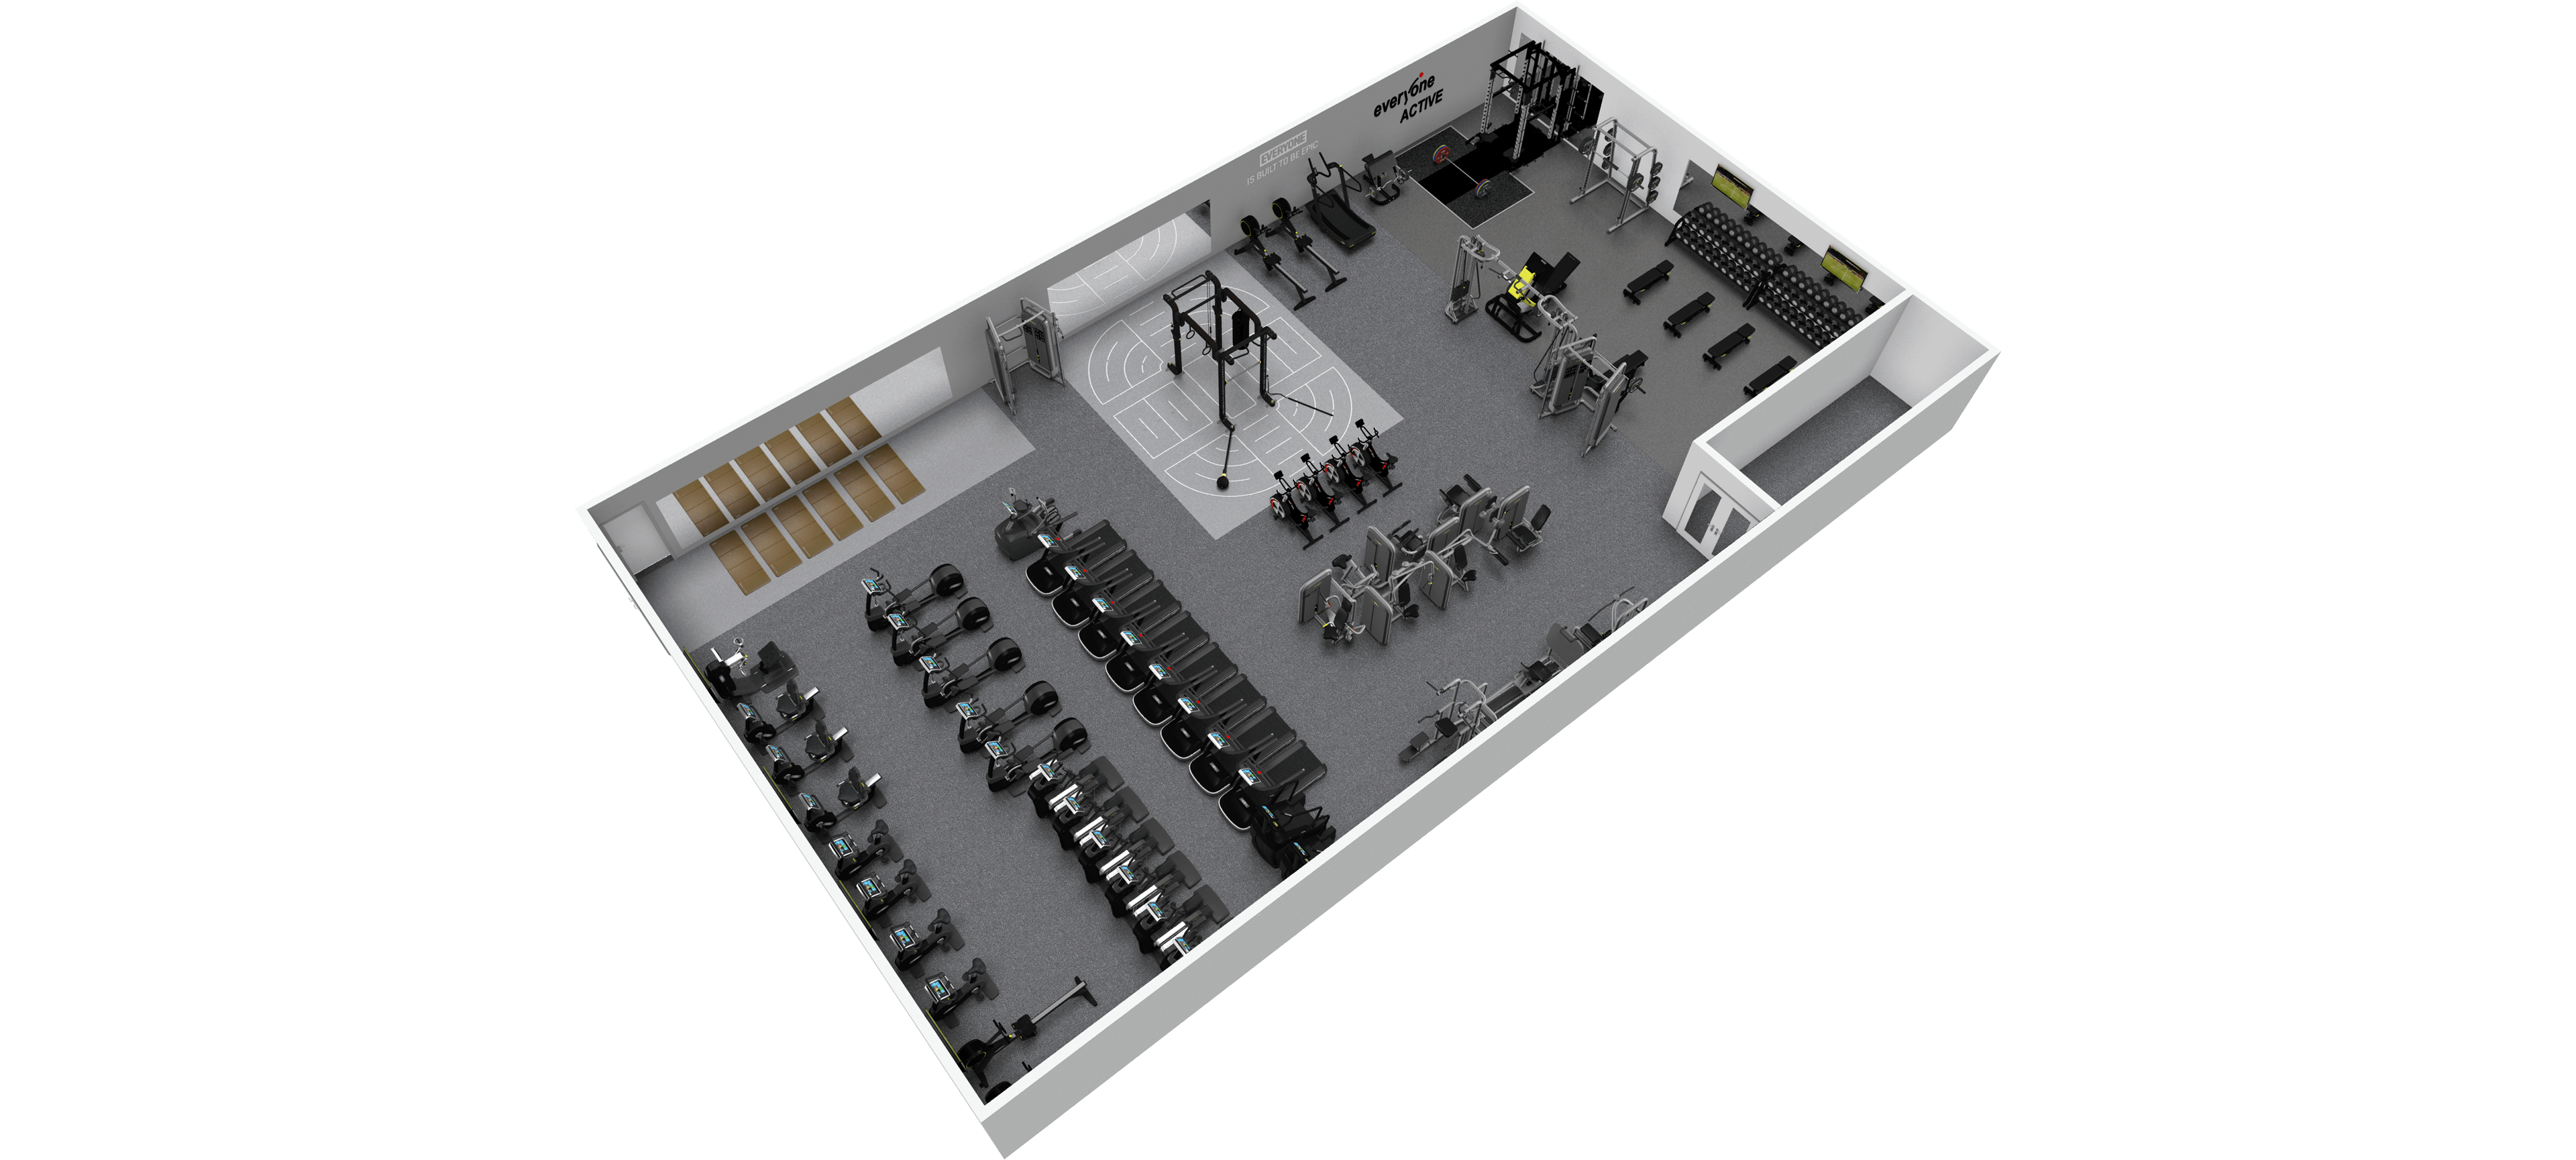 Hood Park New Gym